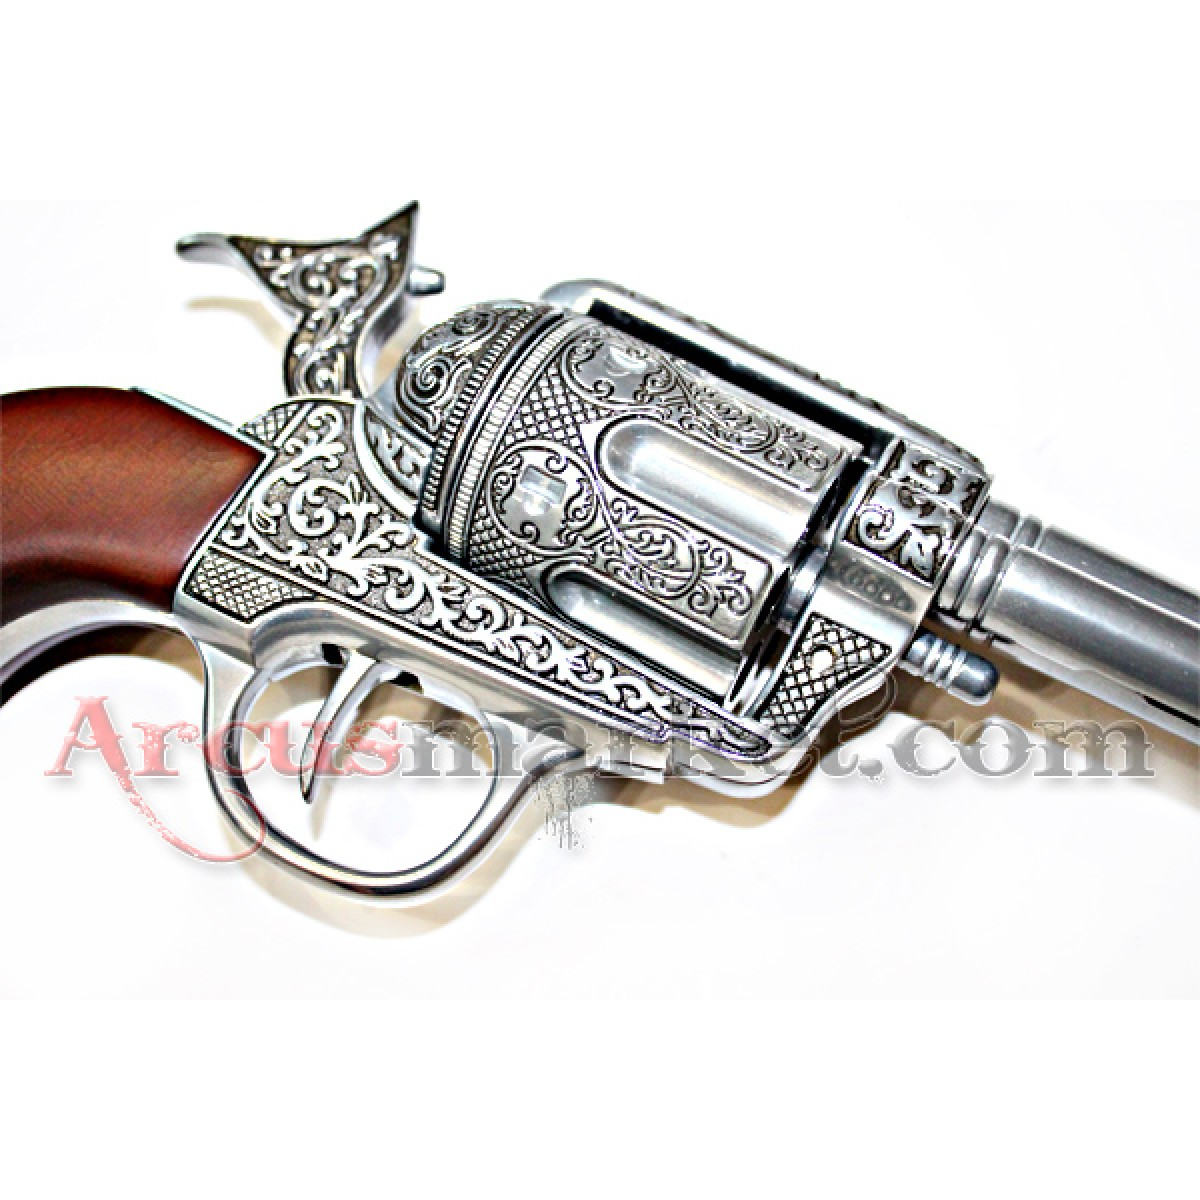 Револьвер Ковбой, ММГ копия